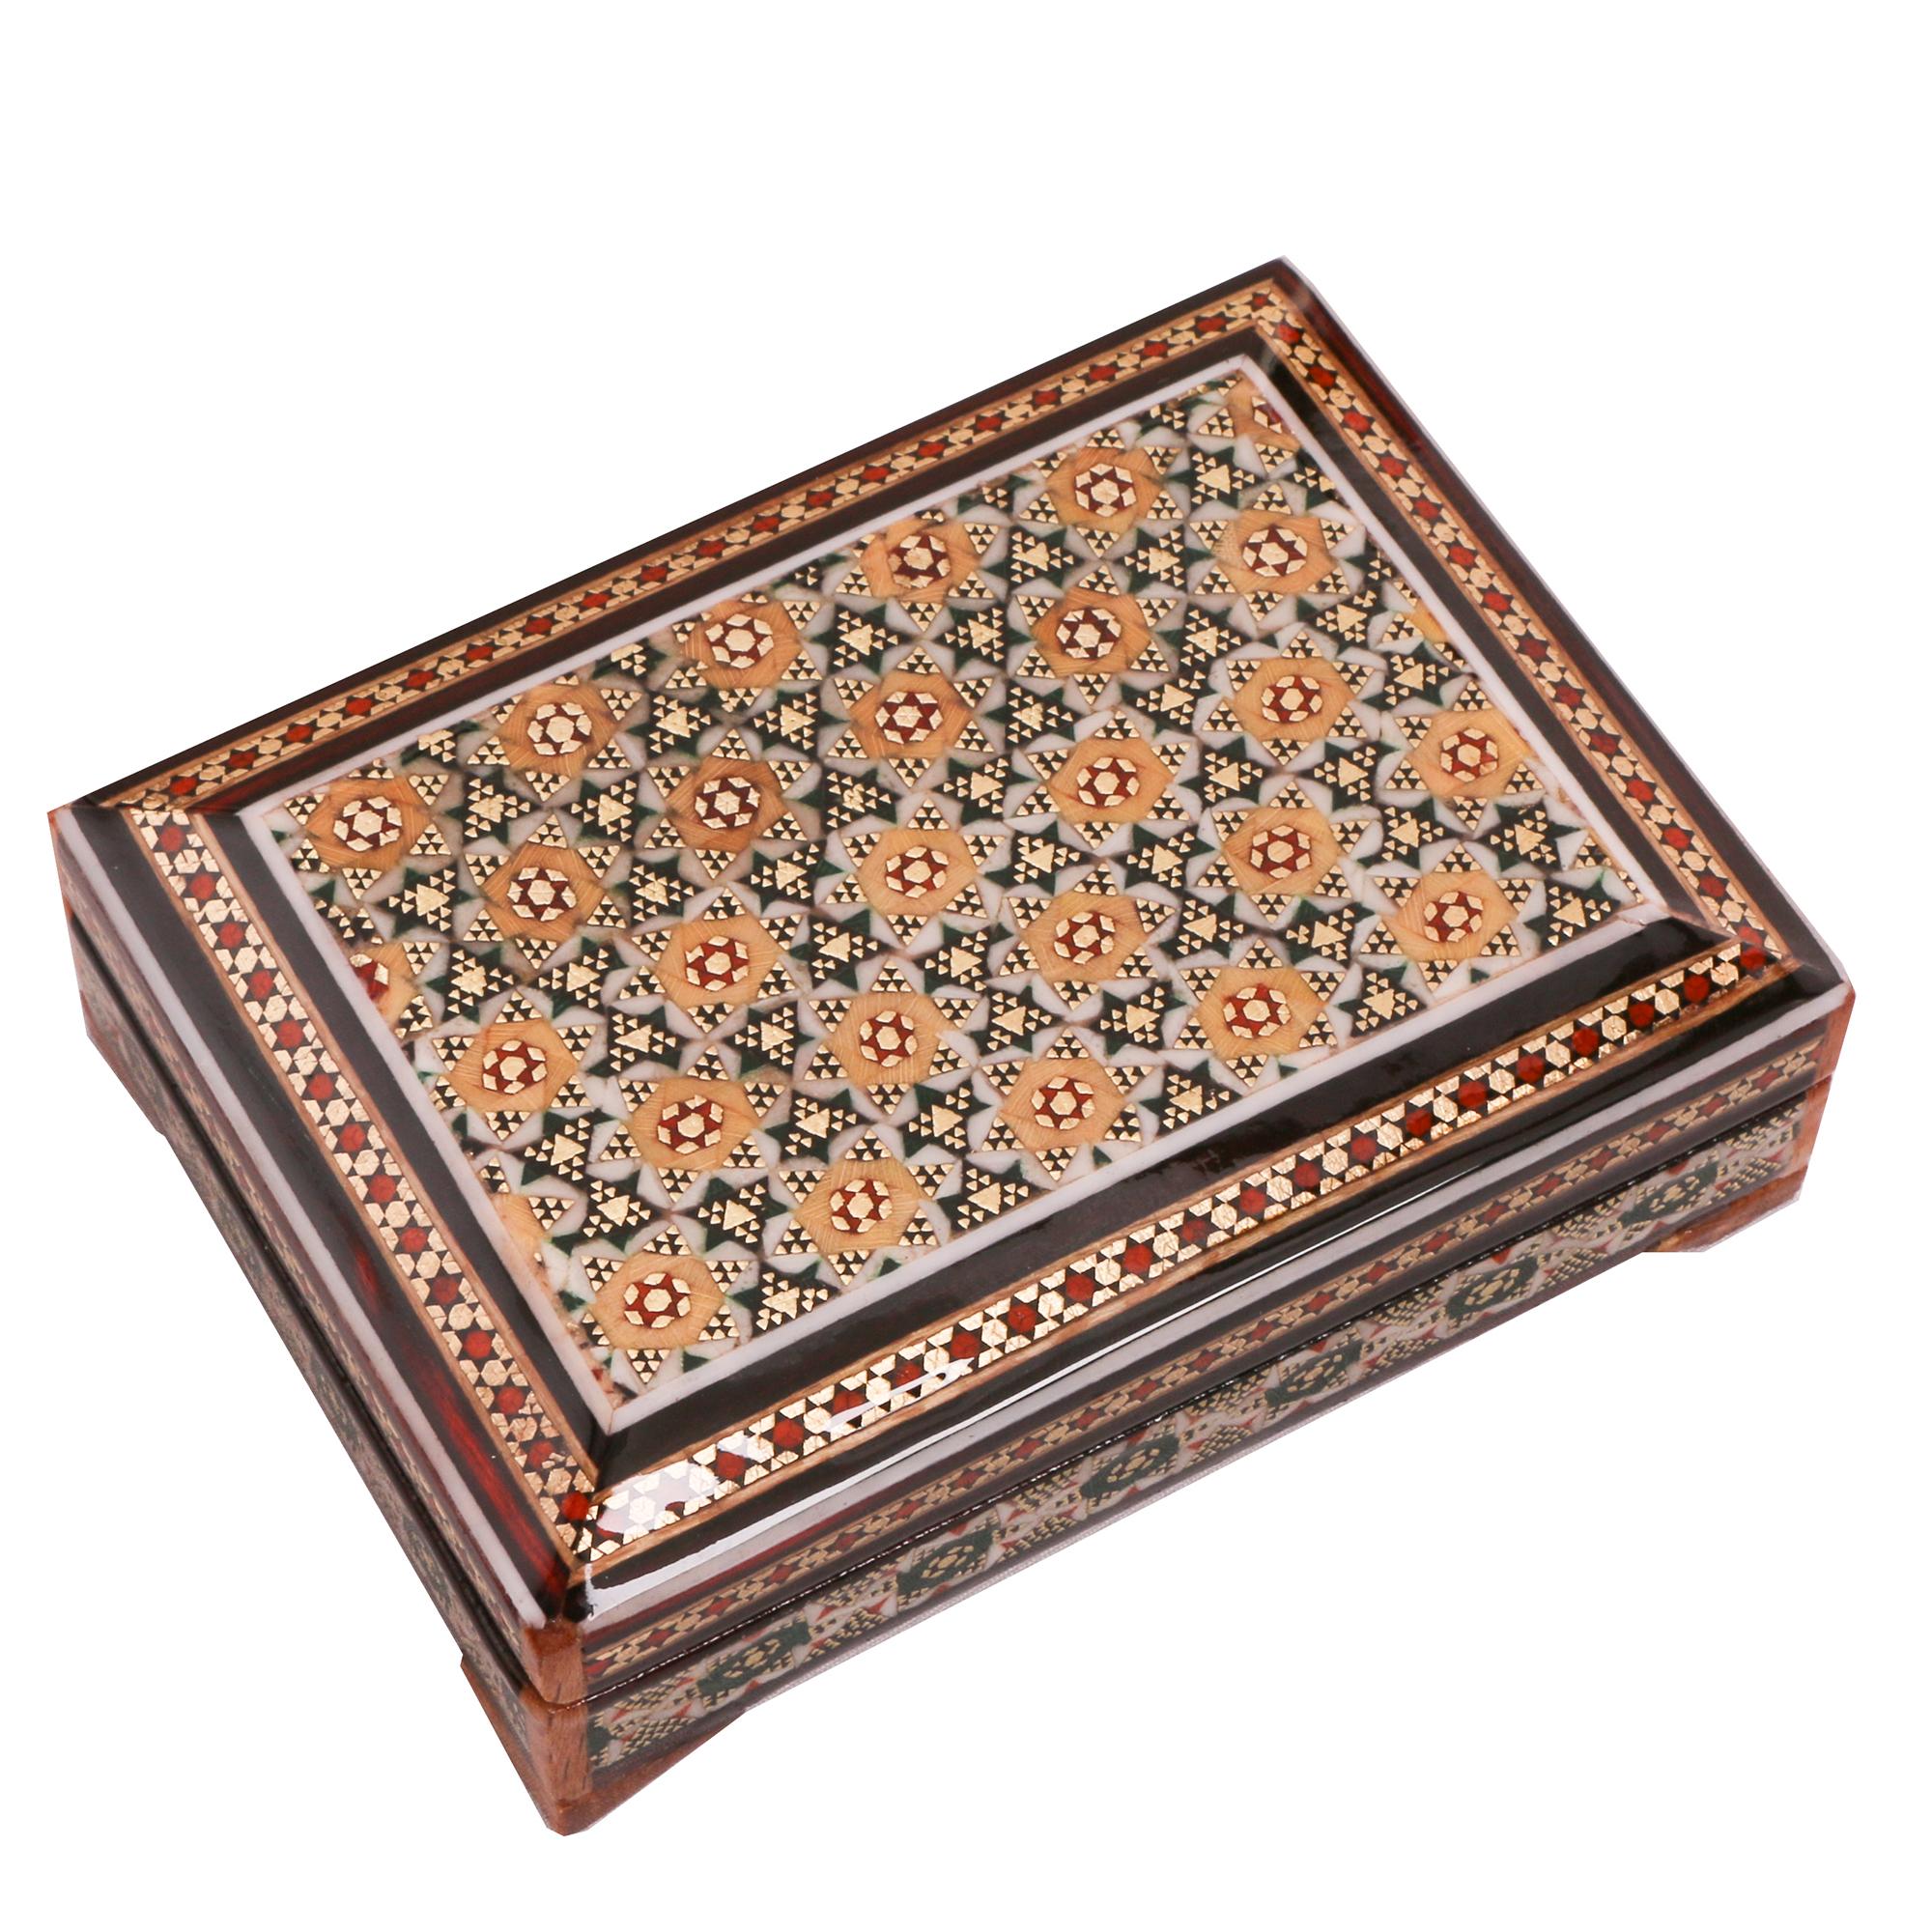 خرید                      جعبه جواهرات خاتم کاری کد 866